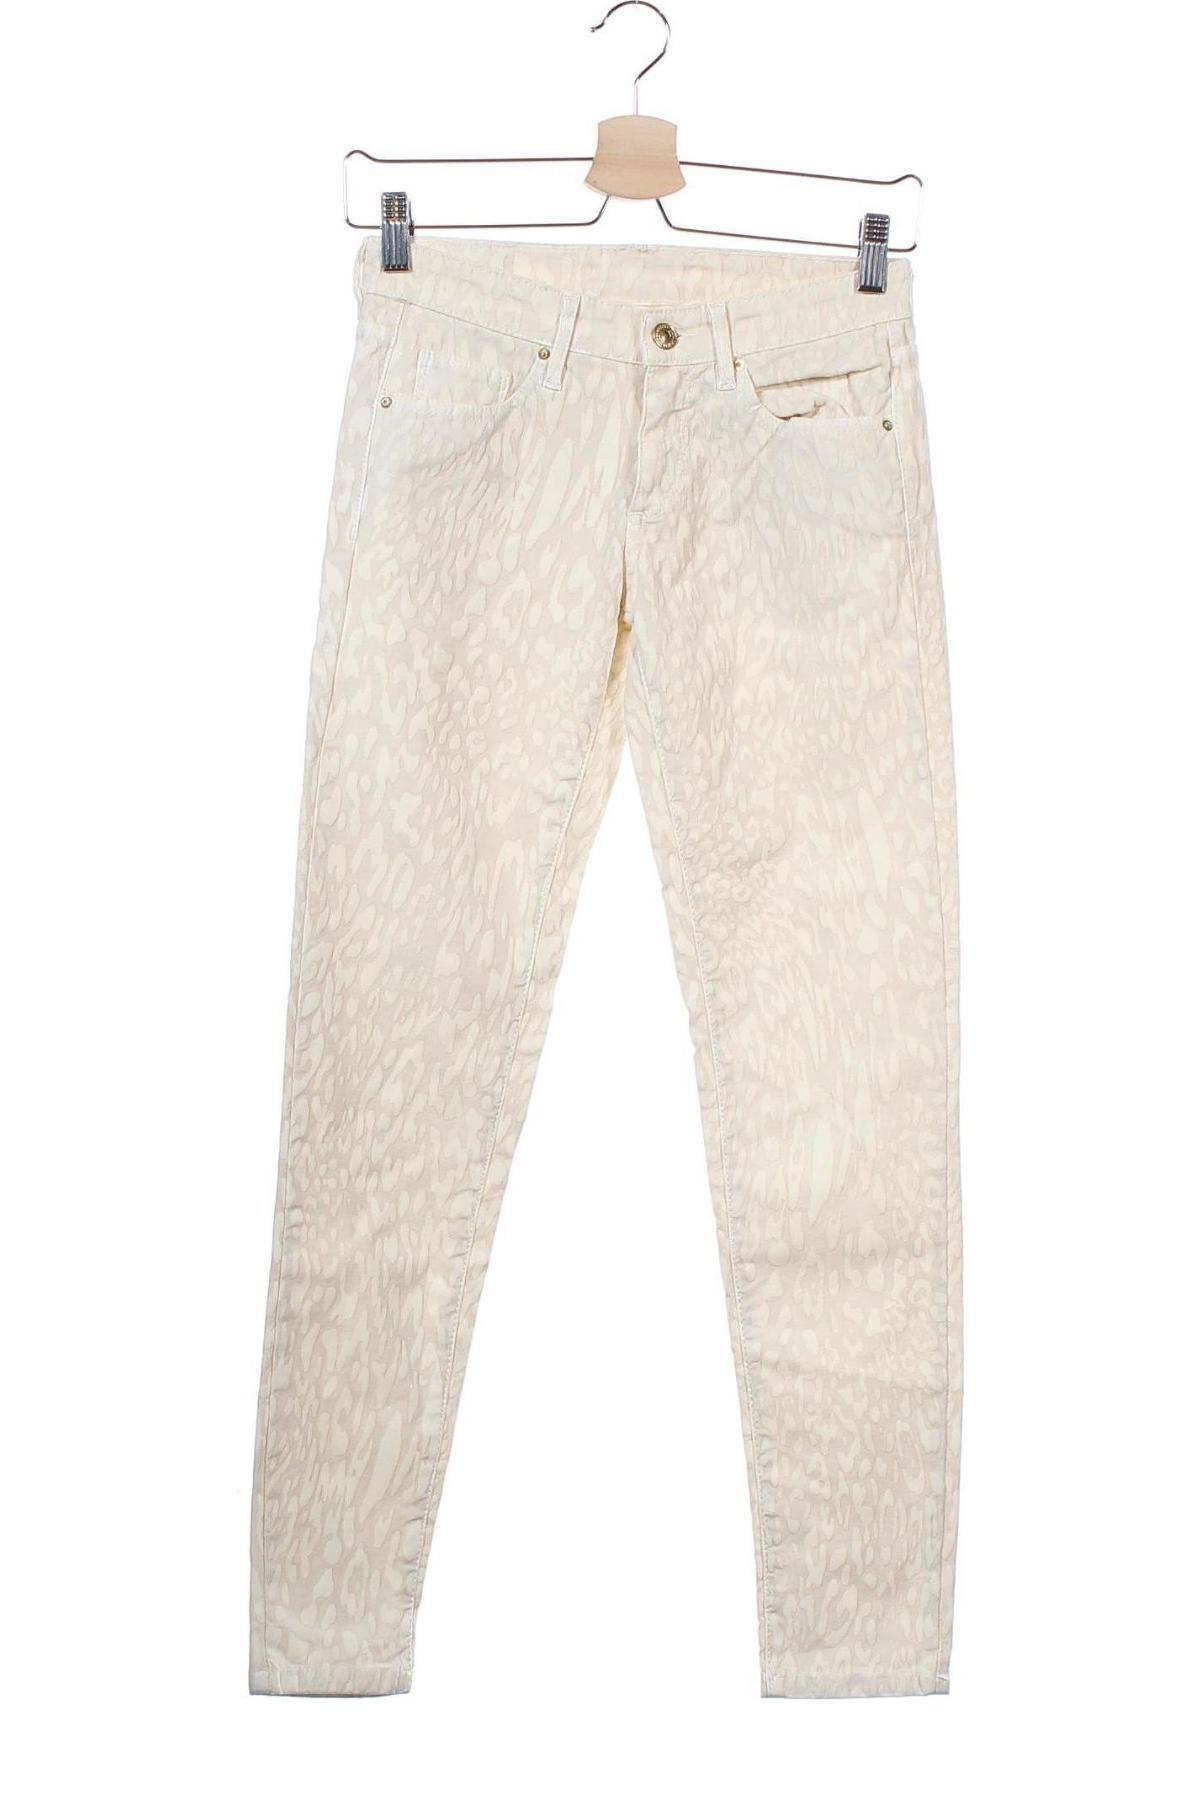 Дамски панталон Zara, Размер XS, Цвят Бежов, 97% памук, 3% еластан, Цена 14,70лв.